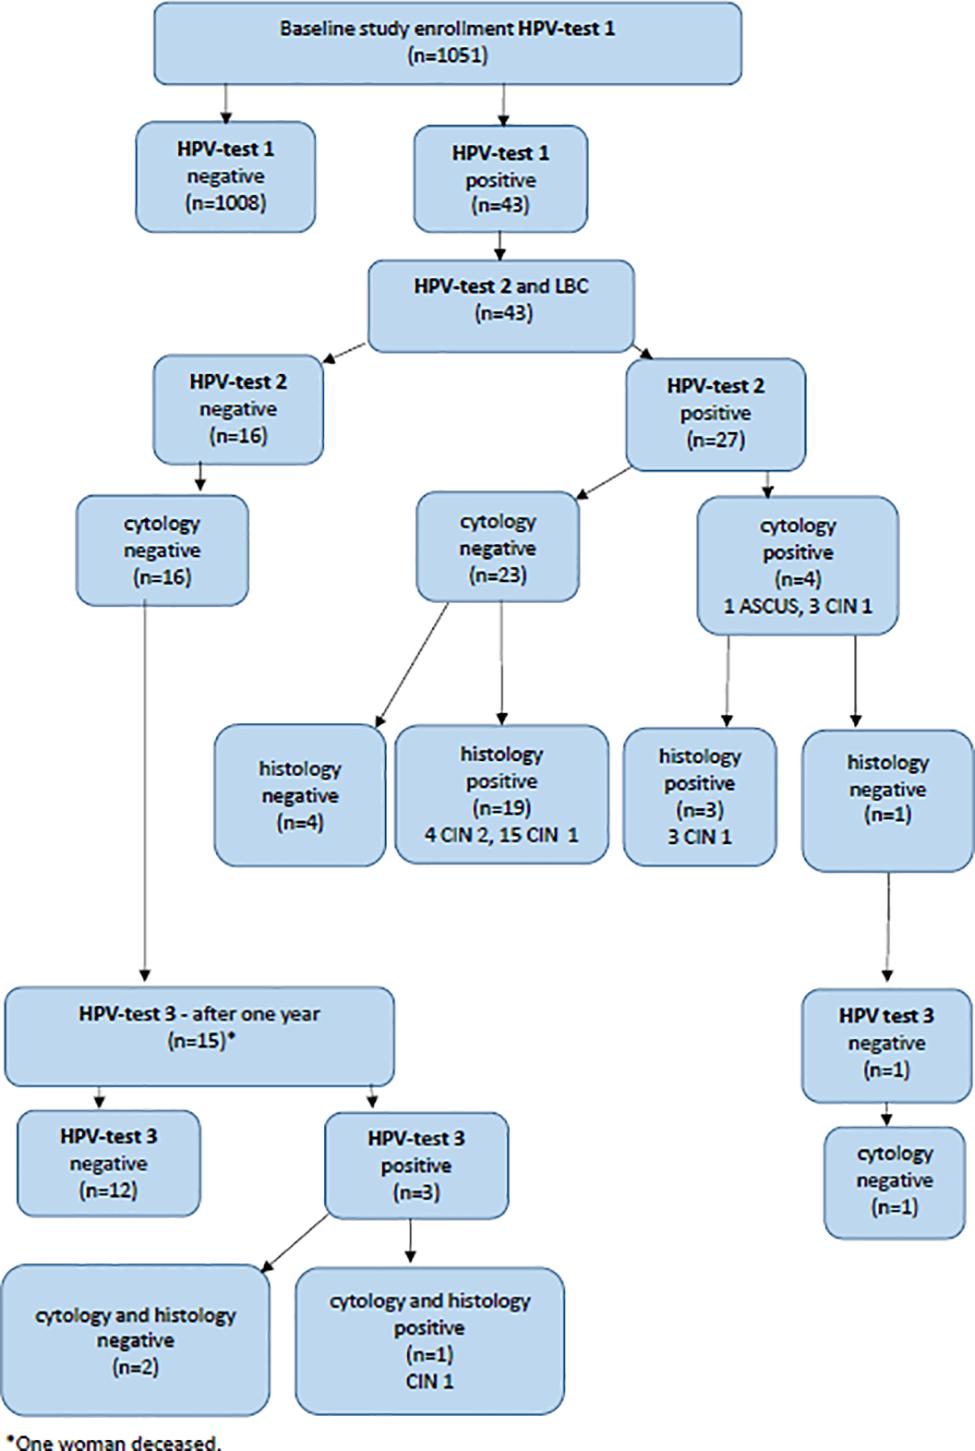 Aszklépiosz botja – Wikipédia